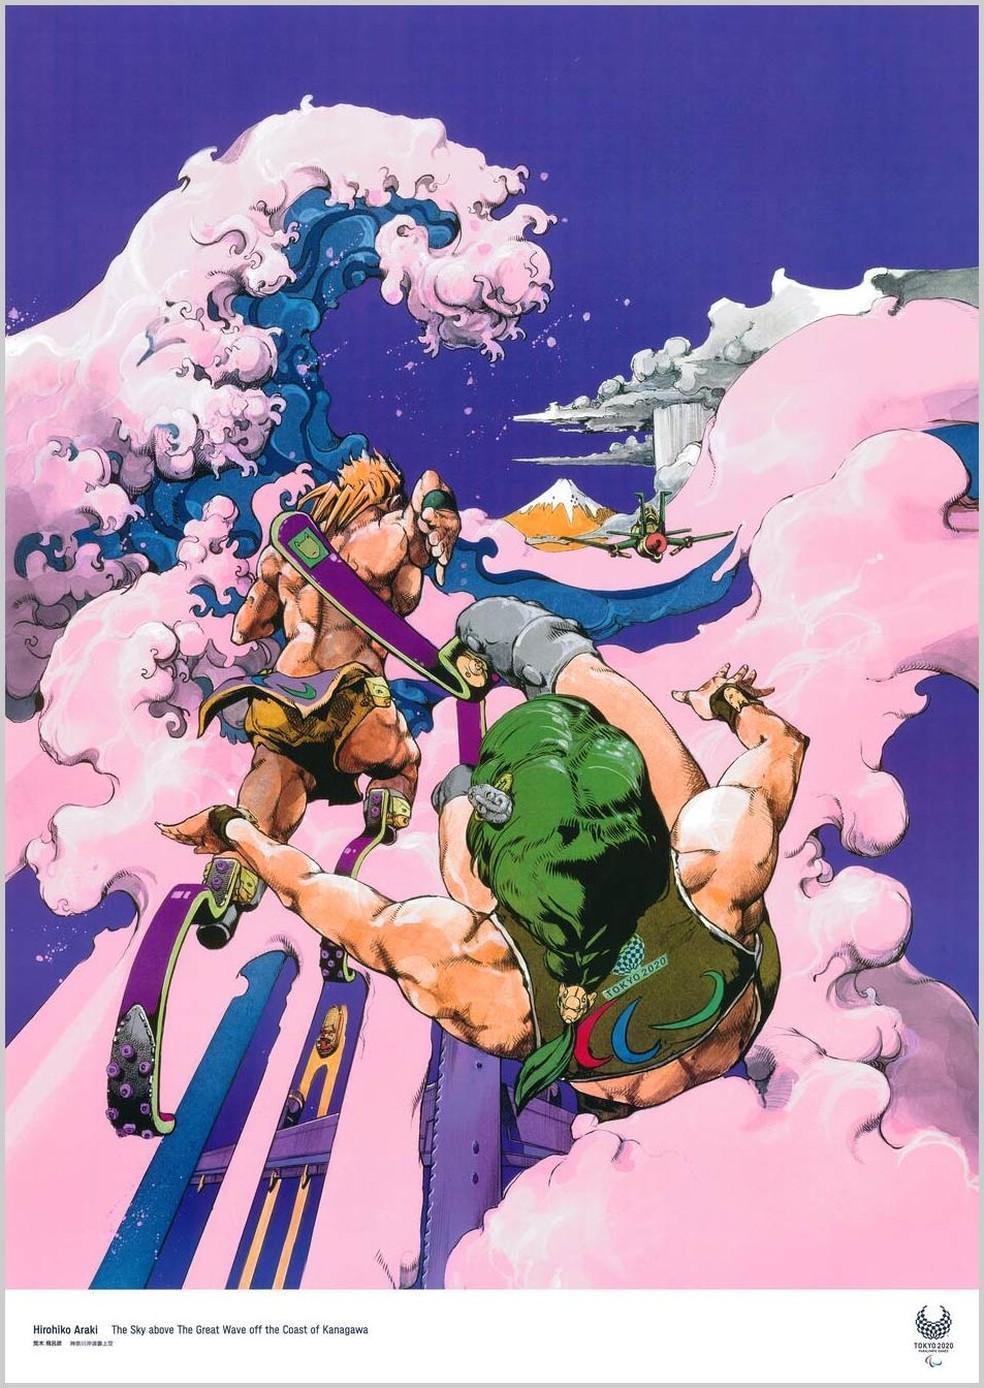 Hirohiko Araki / Artista de mangá — Foto: Reprodução